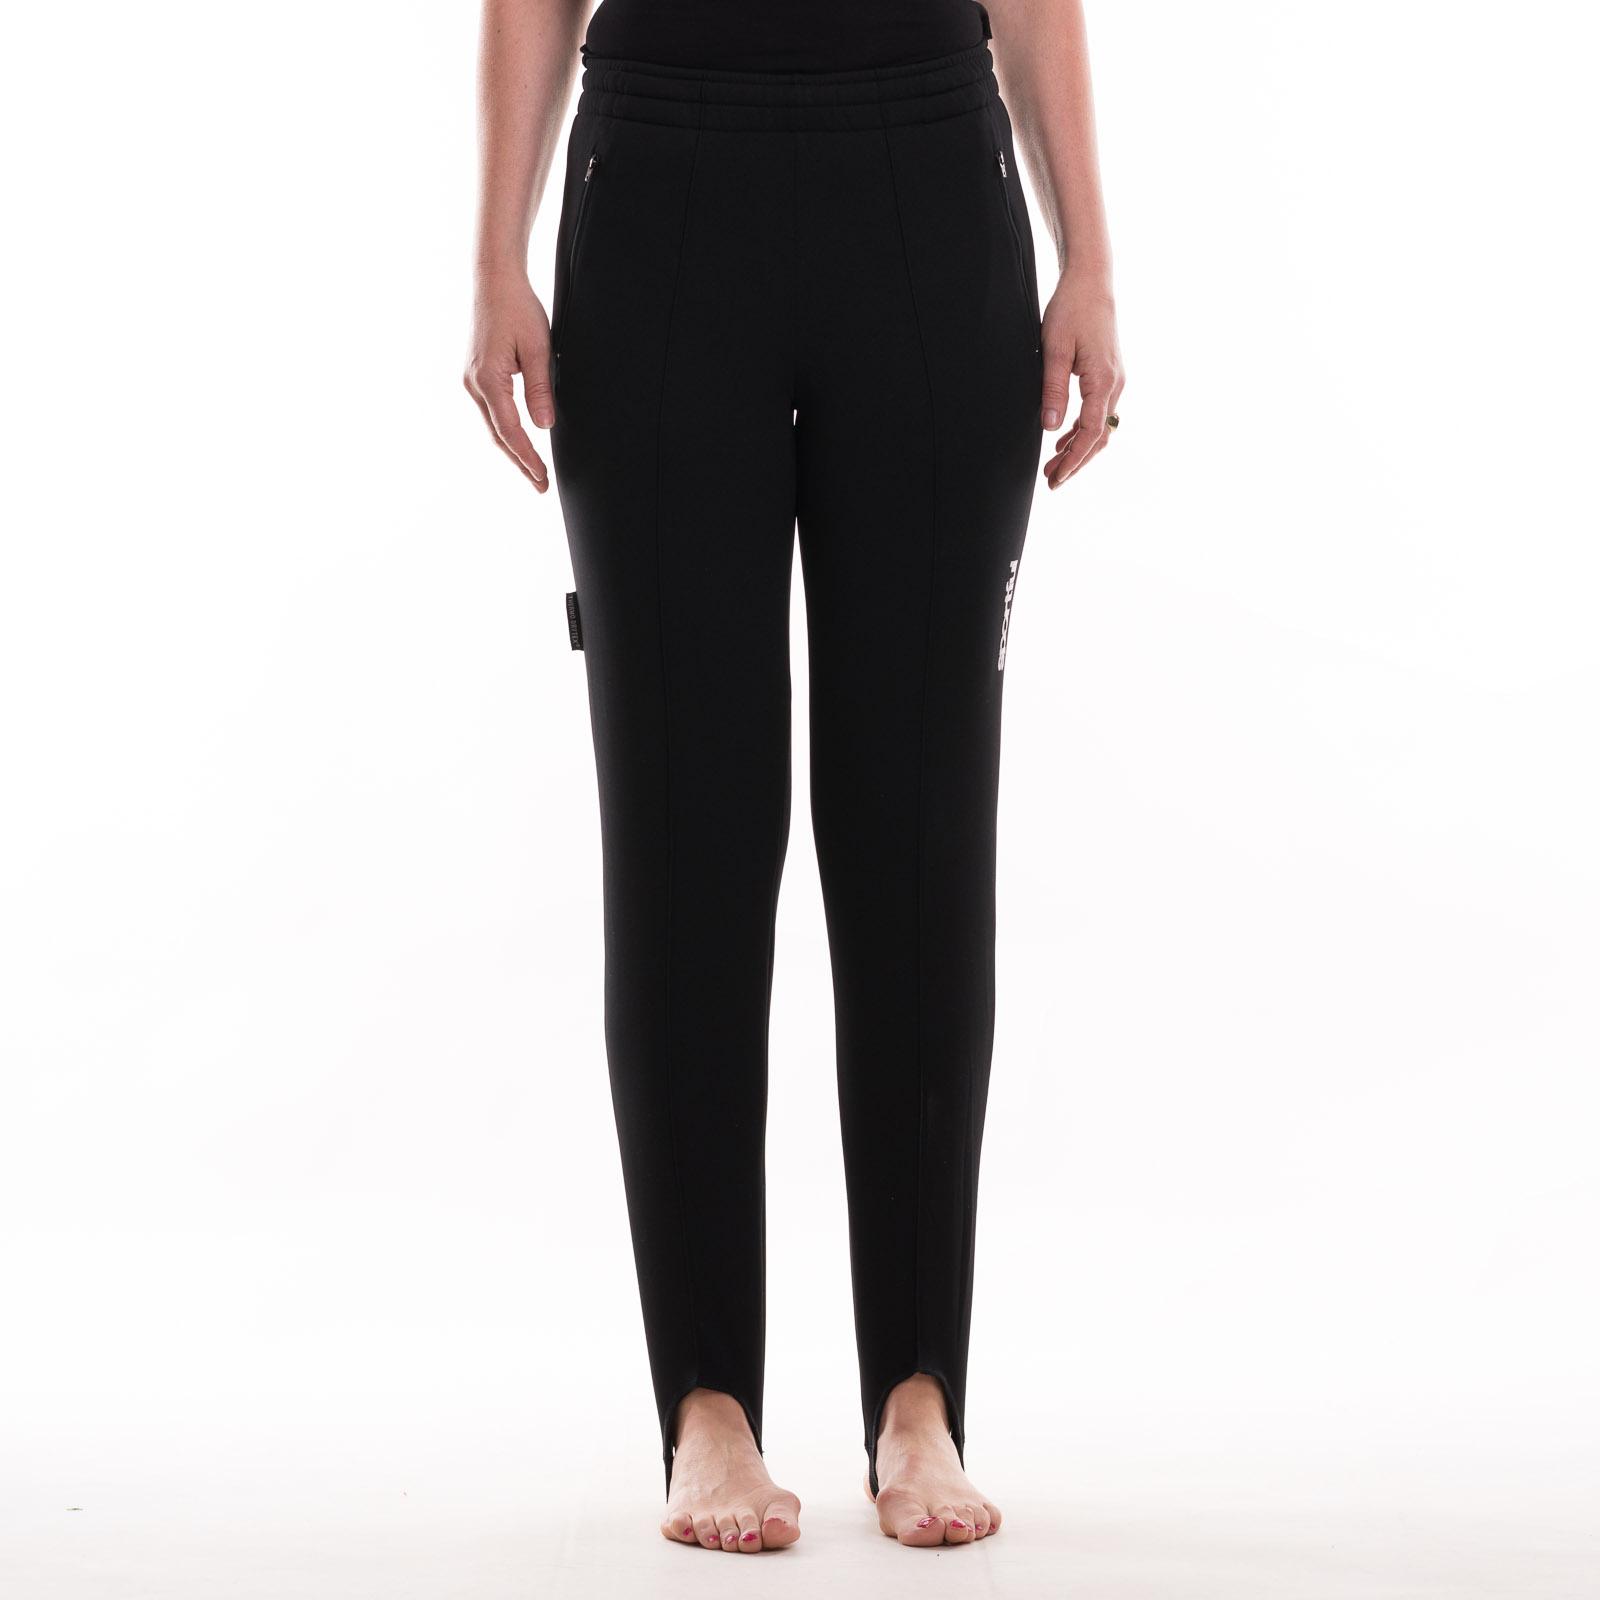 a6d4c2fc2c5e Sportful TECH dámske elastické nohavice čierne. Pre absolútny zážitok  prosím použite prehliadač s javascriptom